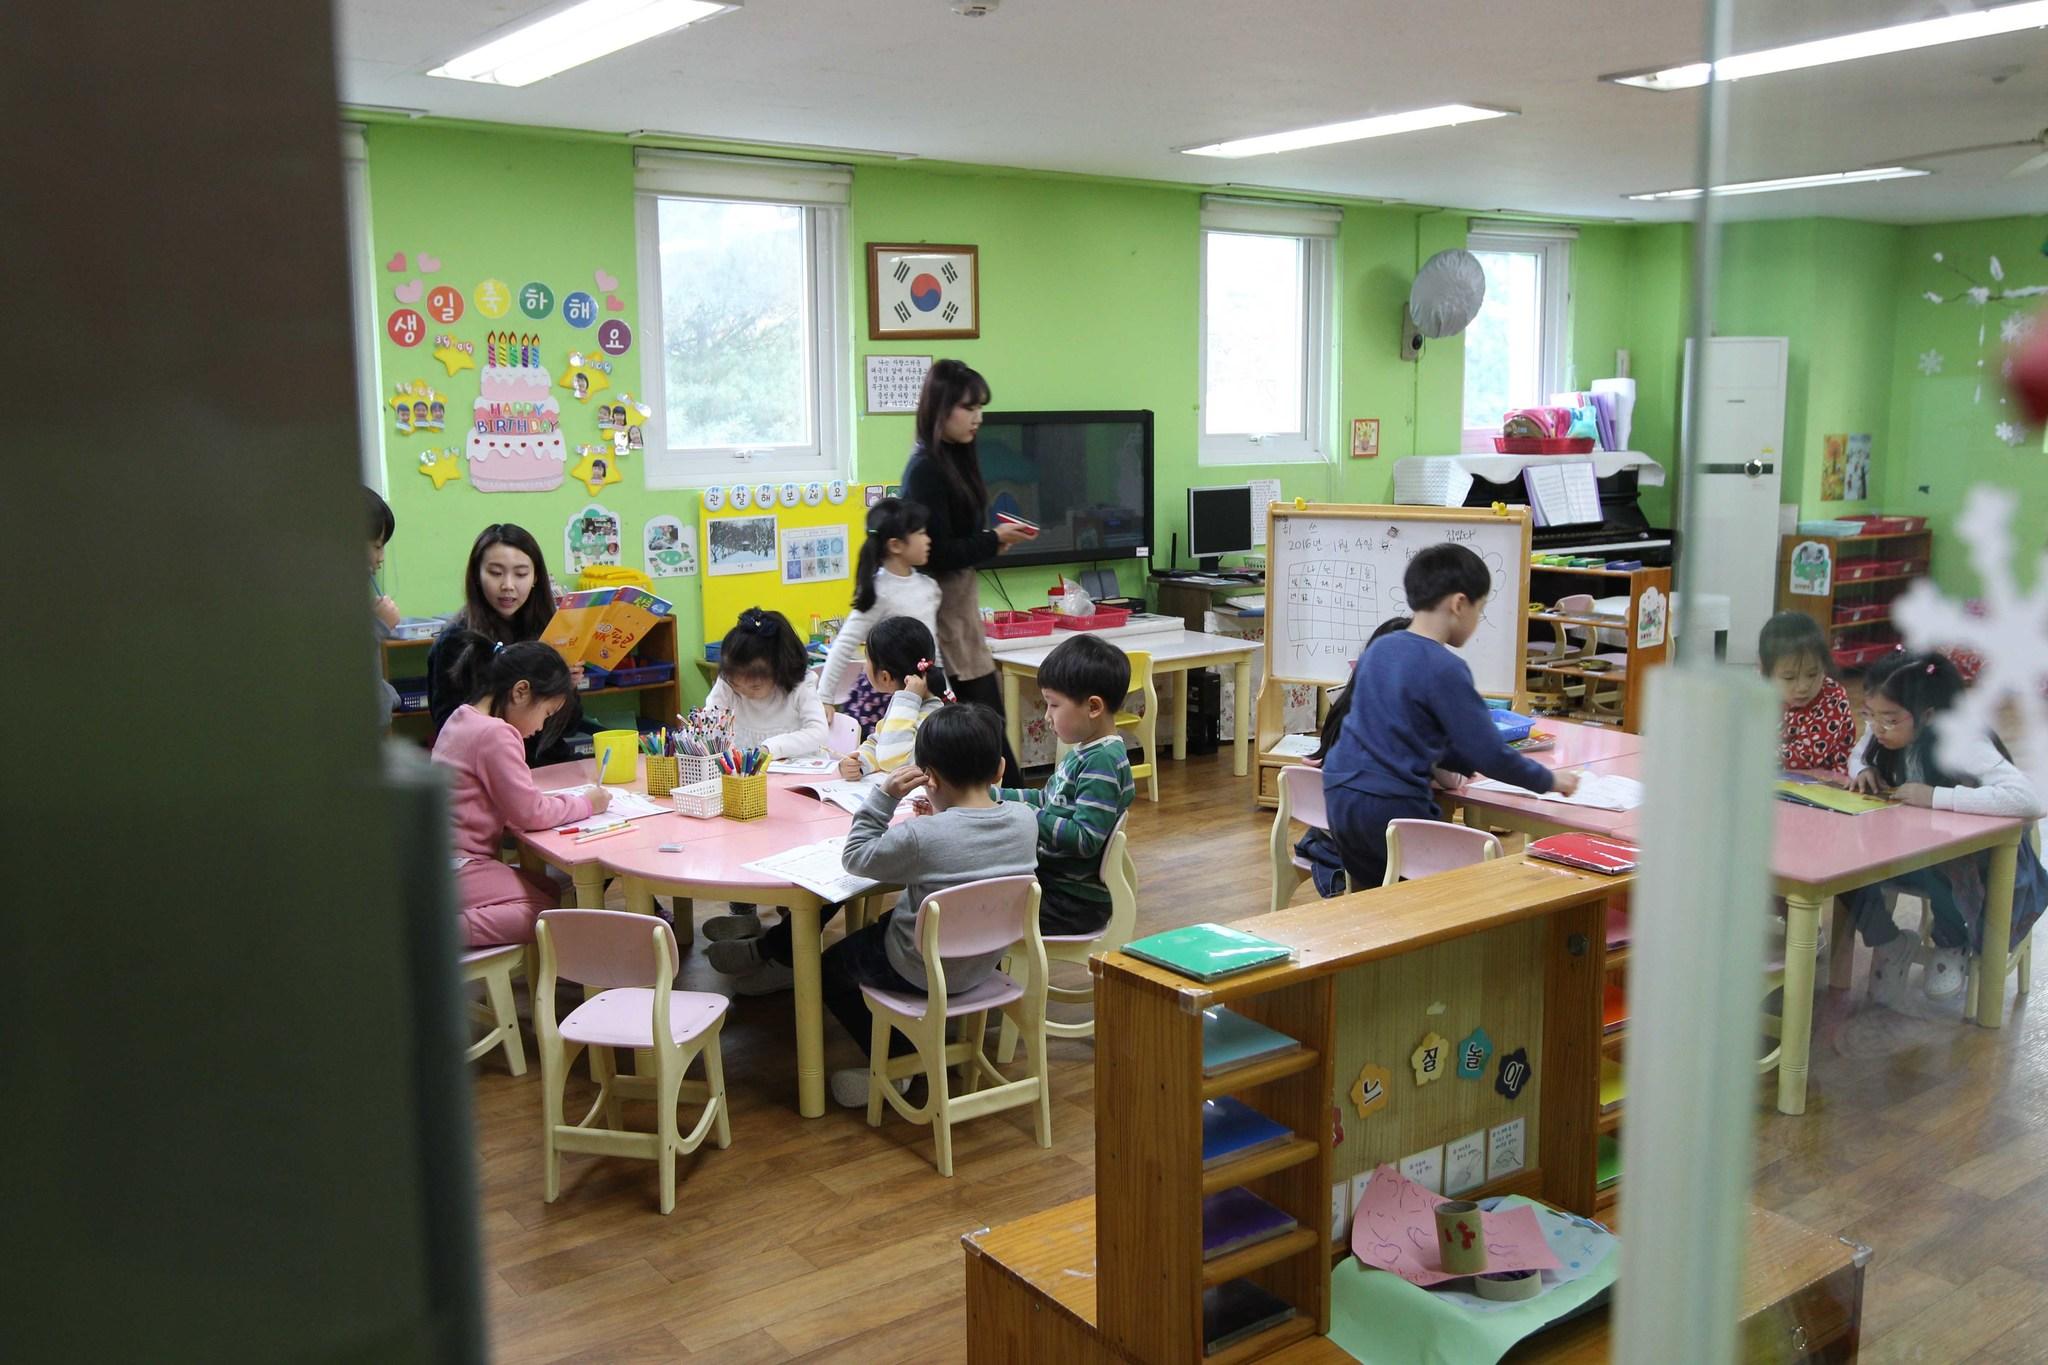 경기도의 한 어린이집. 어린이 이용시설의 상당수가 지난해 점검에서 환경안전관리기준을 초과한 것으로 드러났다.(사진은 기사내용과 관련이 없습니다) [중앙포토]